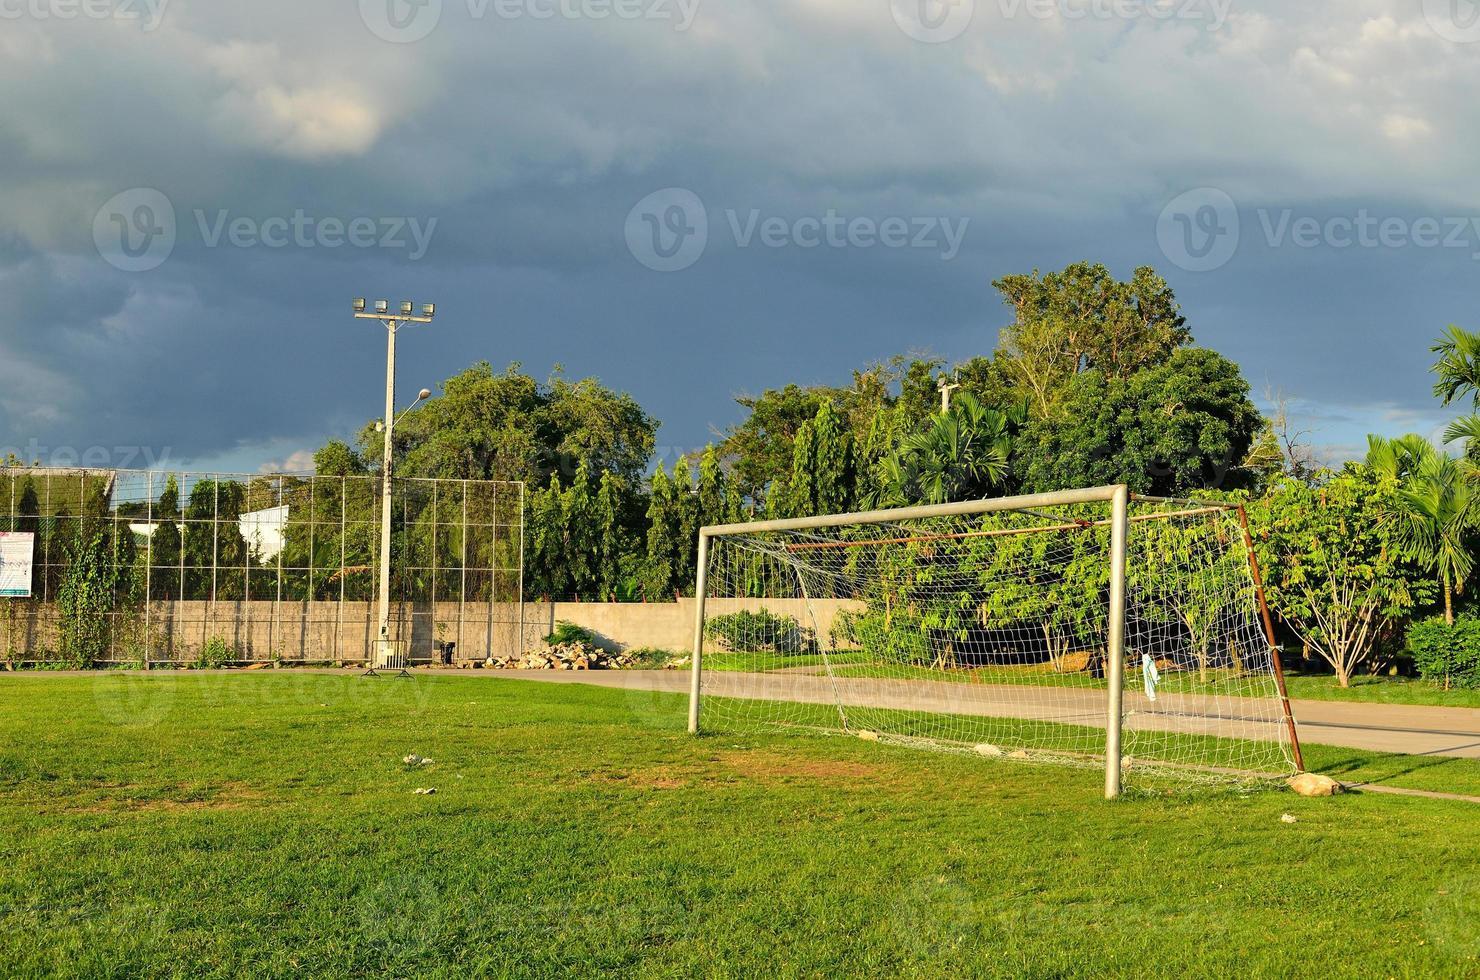 Soccer field in urban school photo